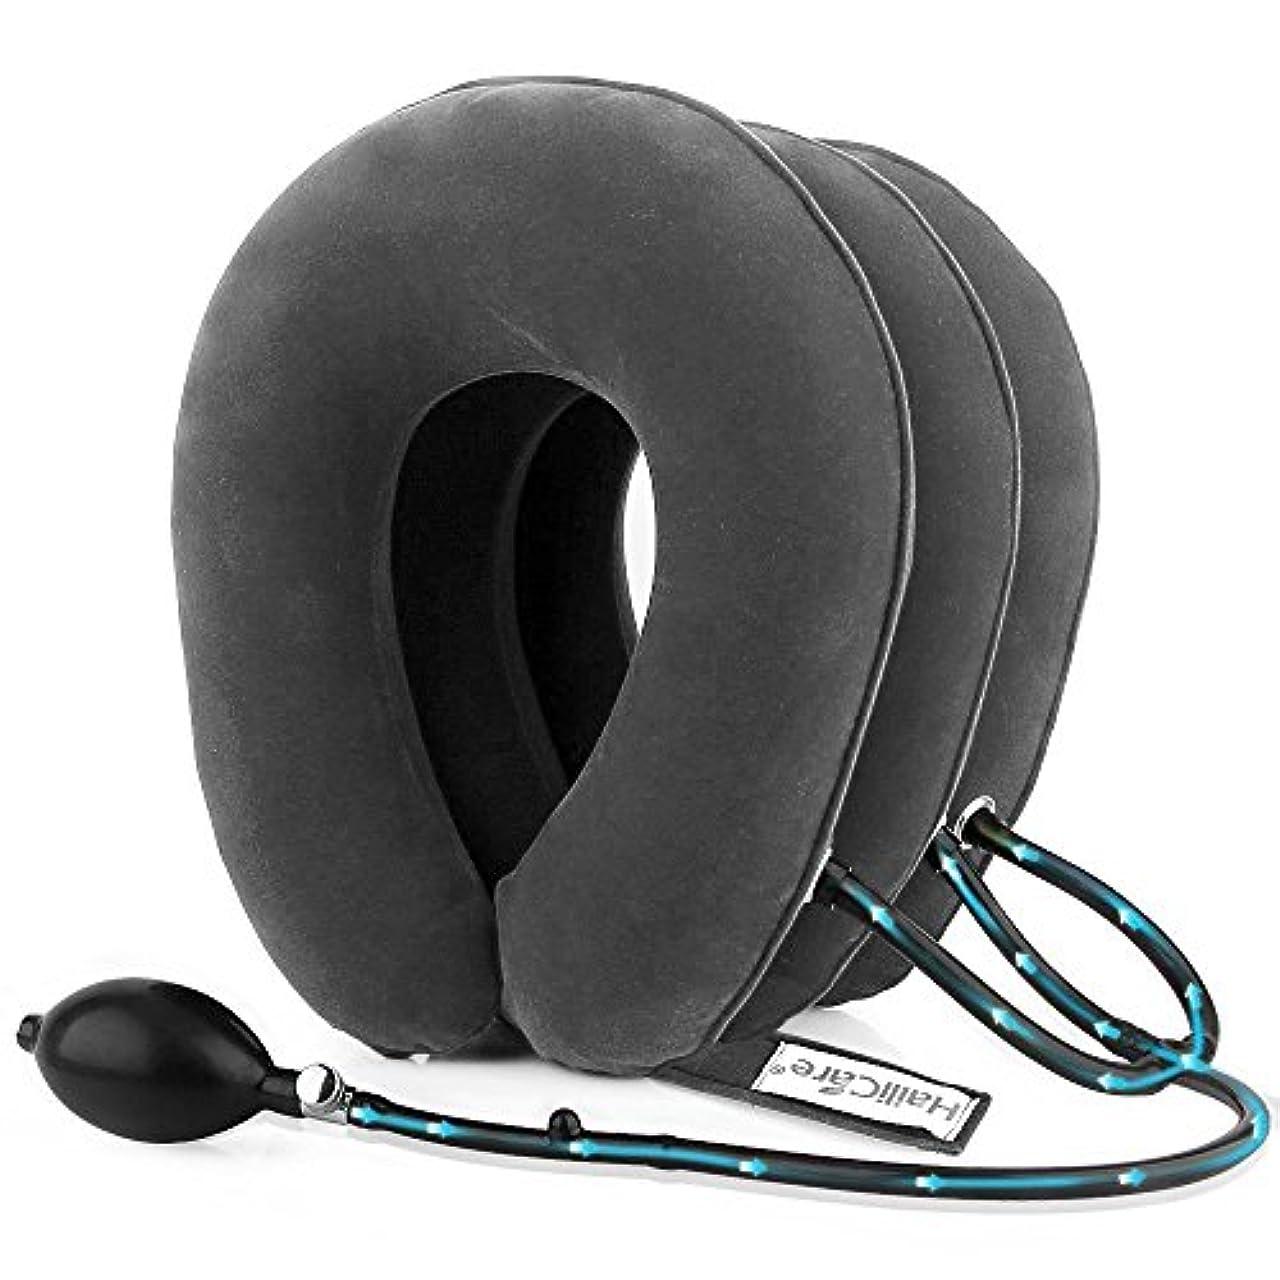 ずっと許す繁雑HailiCare Neck Pillow, Inflatable Cervical Neck Traction Device, Effective and Instant Relief for Chronic Neck...